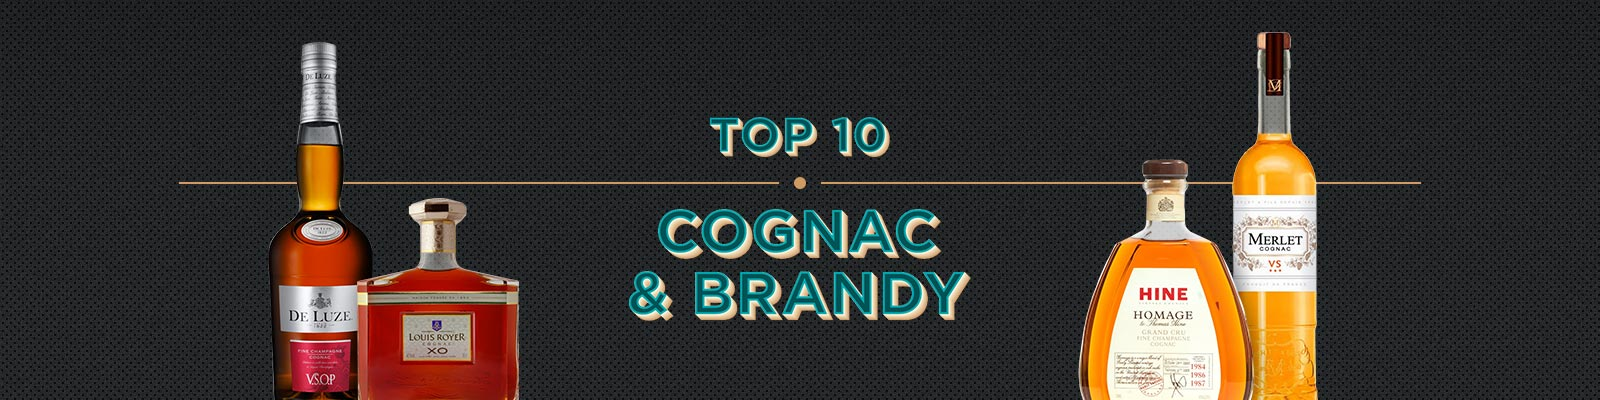 Top 10 Cognac & Brandy